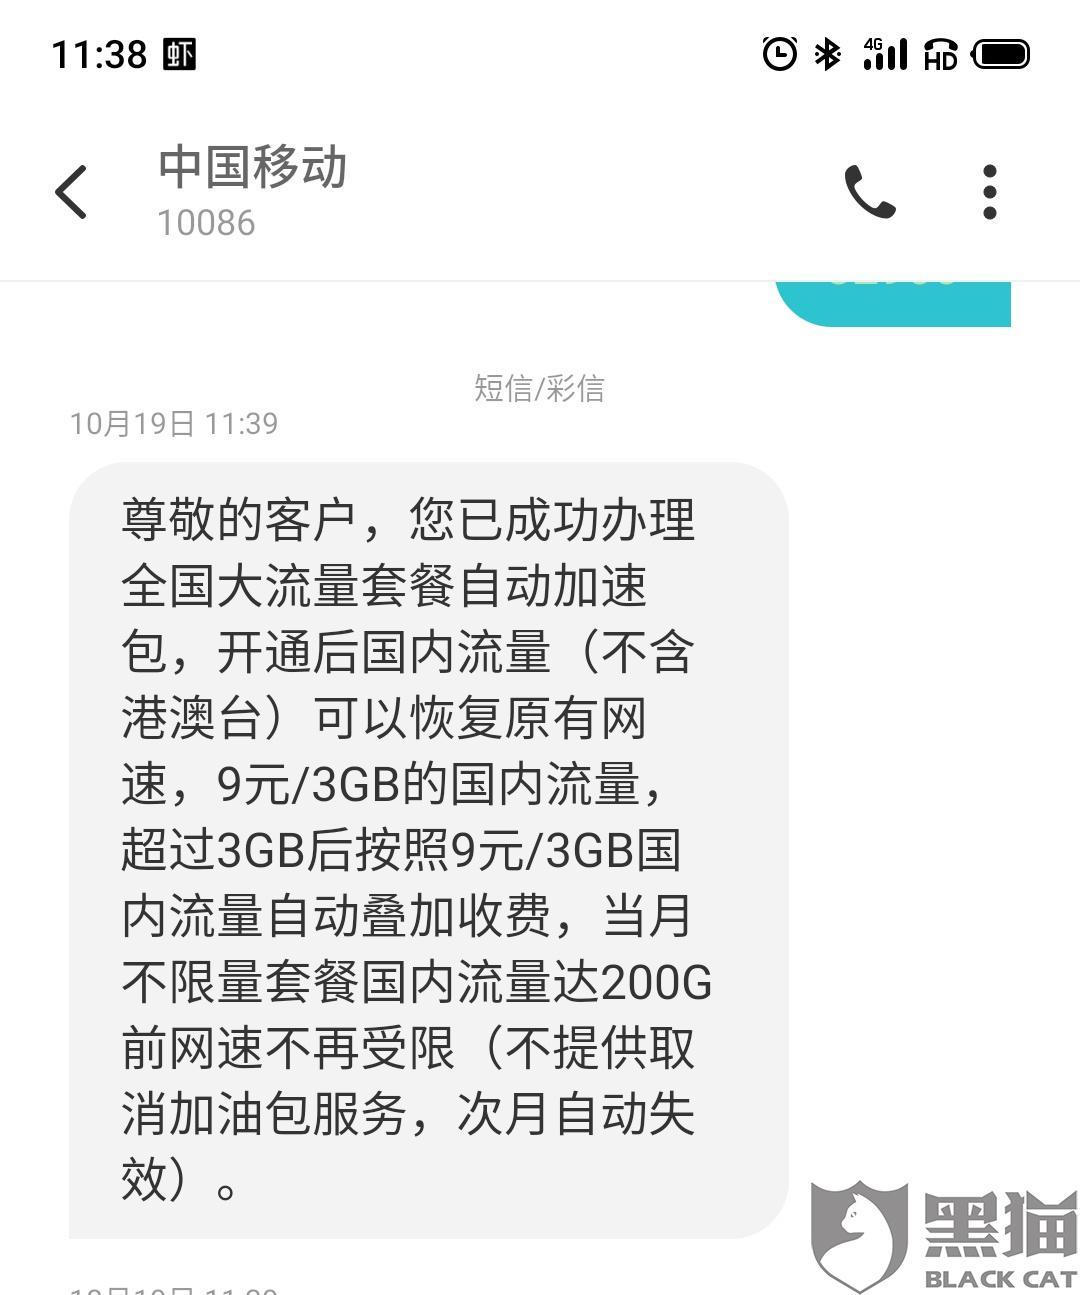 黑猫投诉:中国移动流量加速包不可取消且移动循环扣款,不吸血霸王条款,这是在压榨消费者